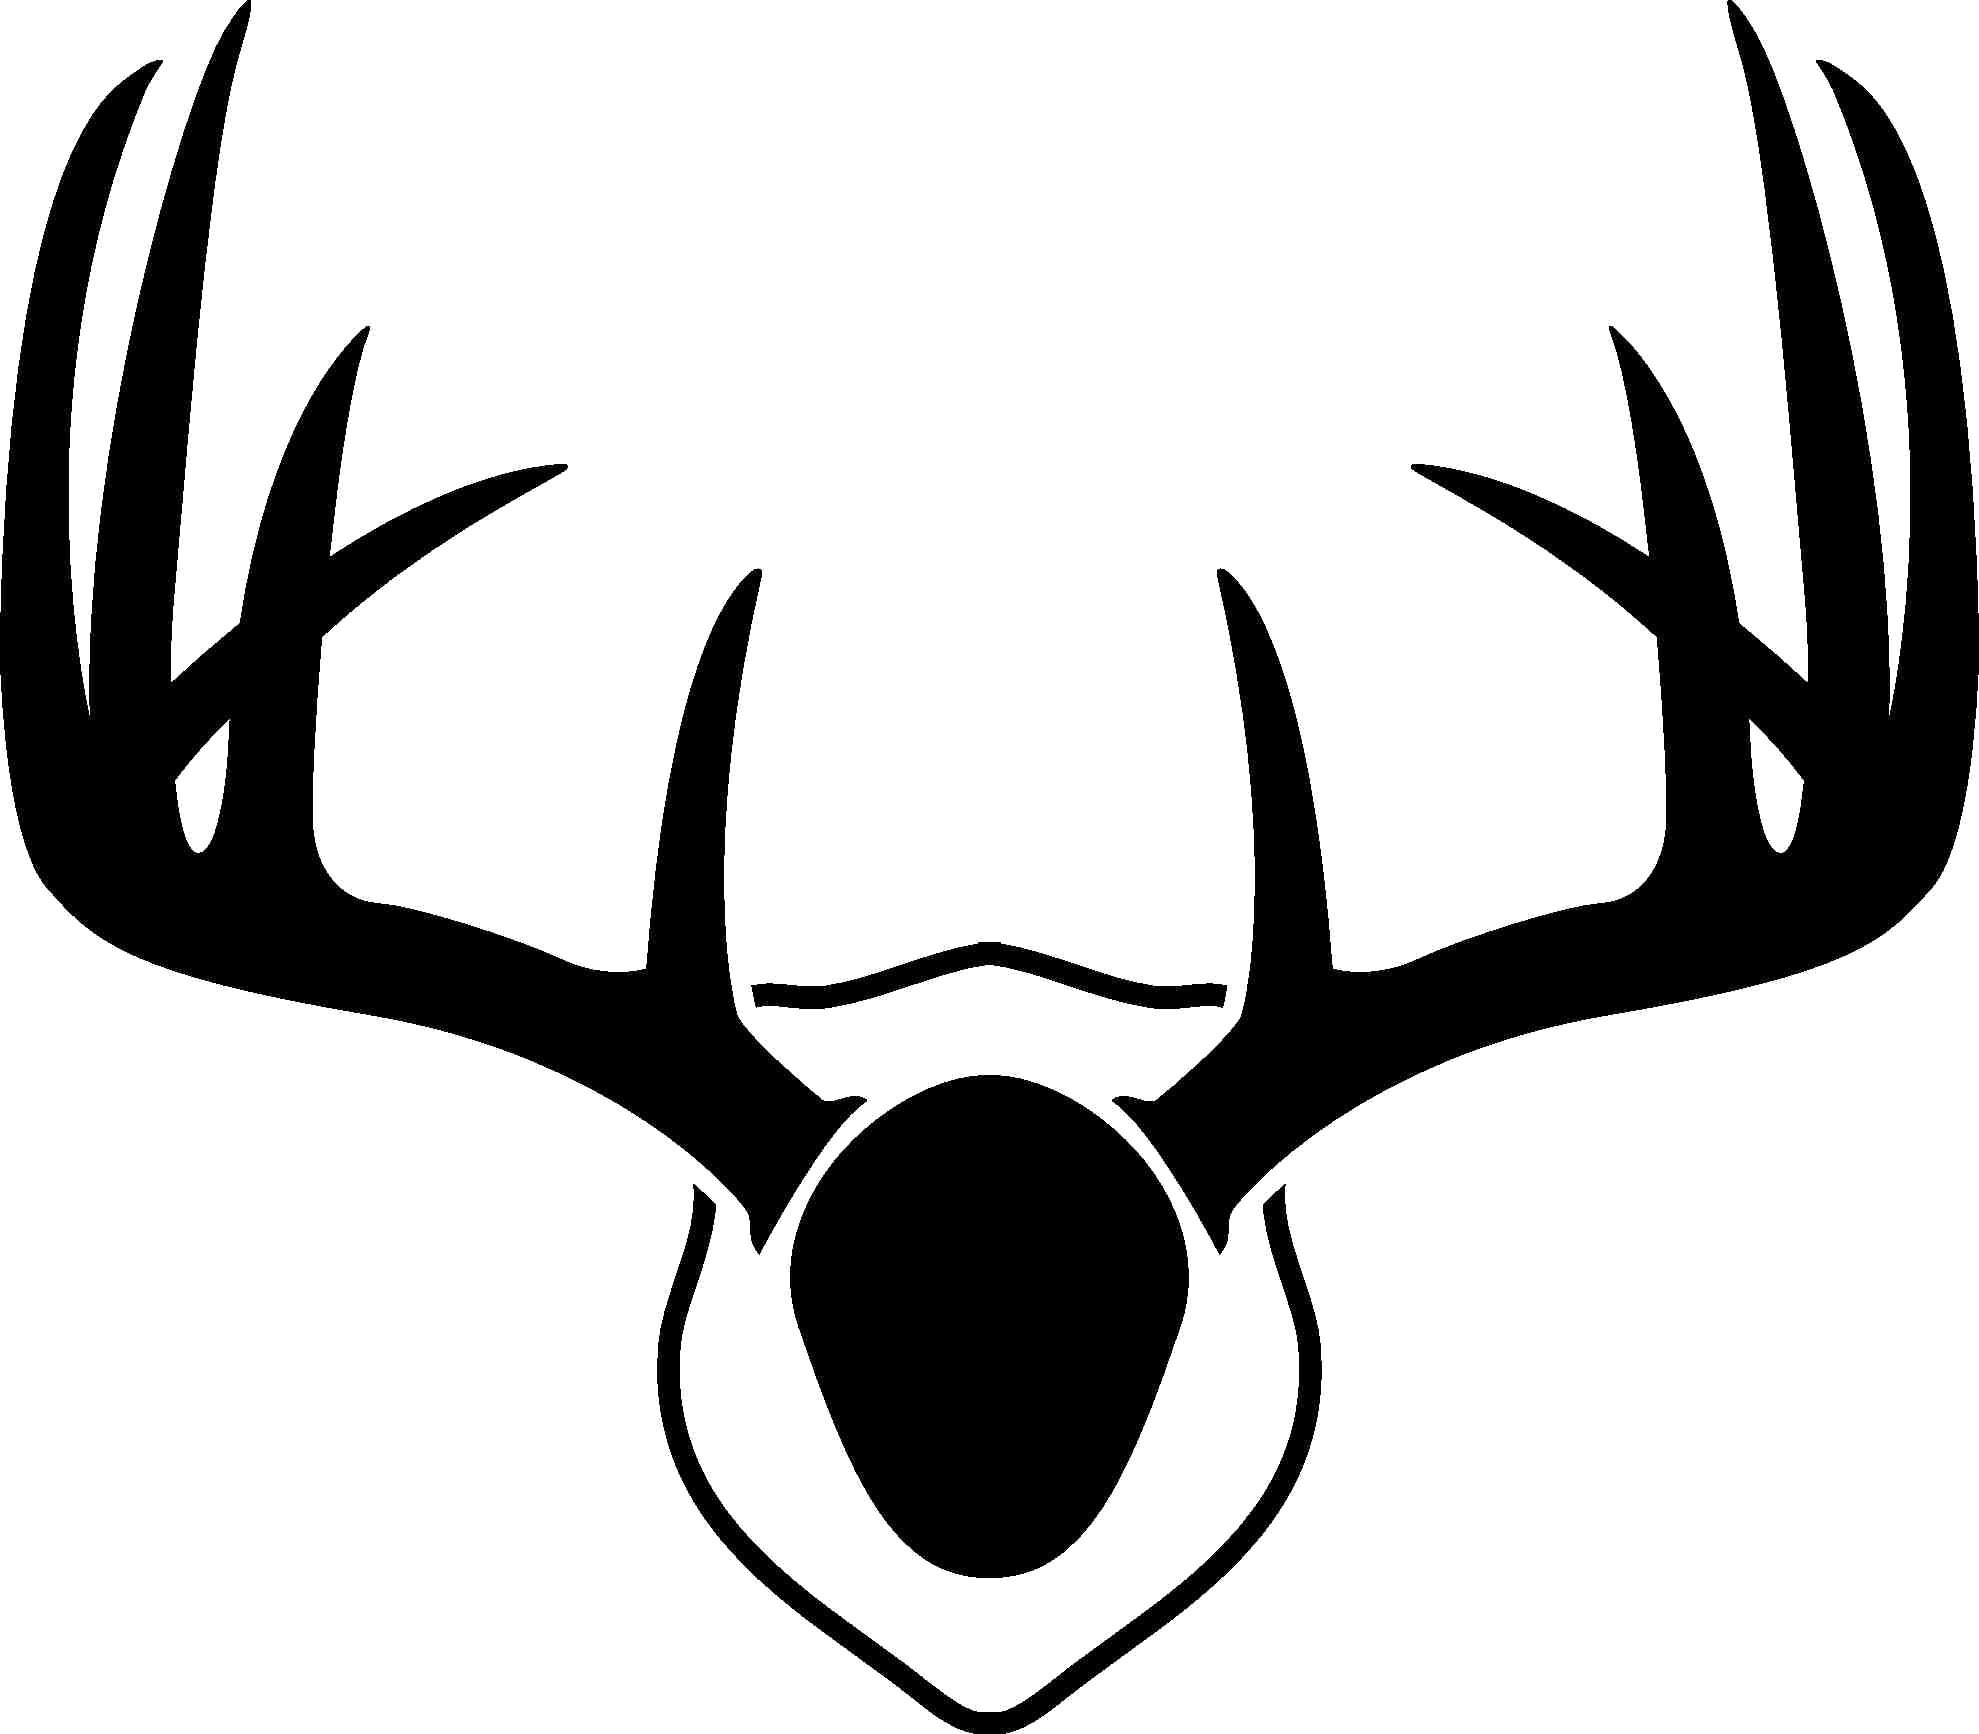 Antler clipart silhouette. Free deer antlers svg